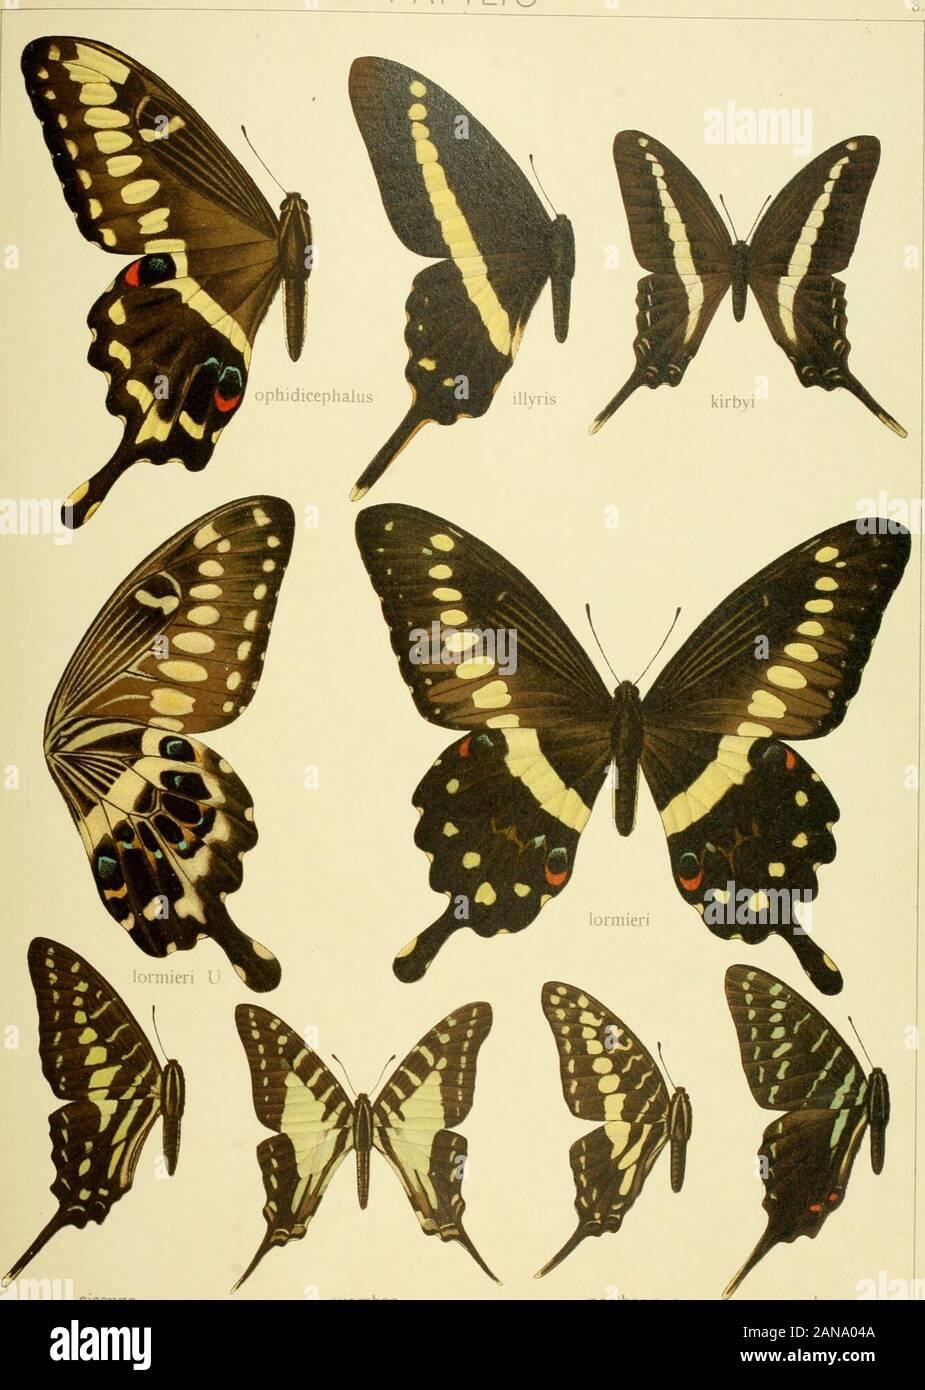 Die Gross-Schmetterlinge der Erde : eine systematische Bearbeitung der bis jetzt bekannten Gross-Schmetterlinge . Pars II. Fauna africana I XIII. PAPiLIO. sisenna t-vombar porihaon colonna Pars II. Fauna africana 1. 1 XIll PAPI LI O Foto de stock